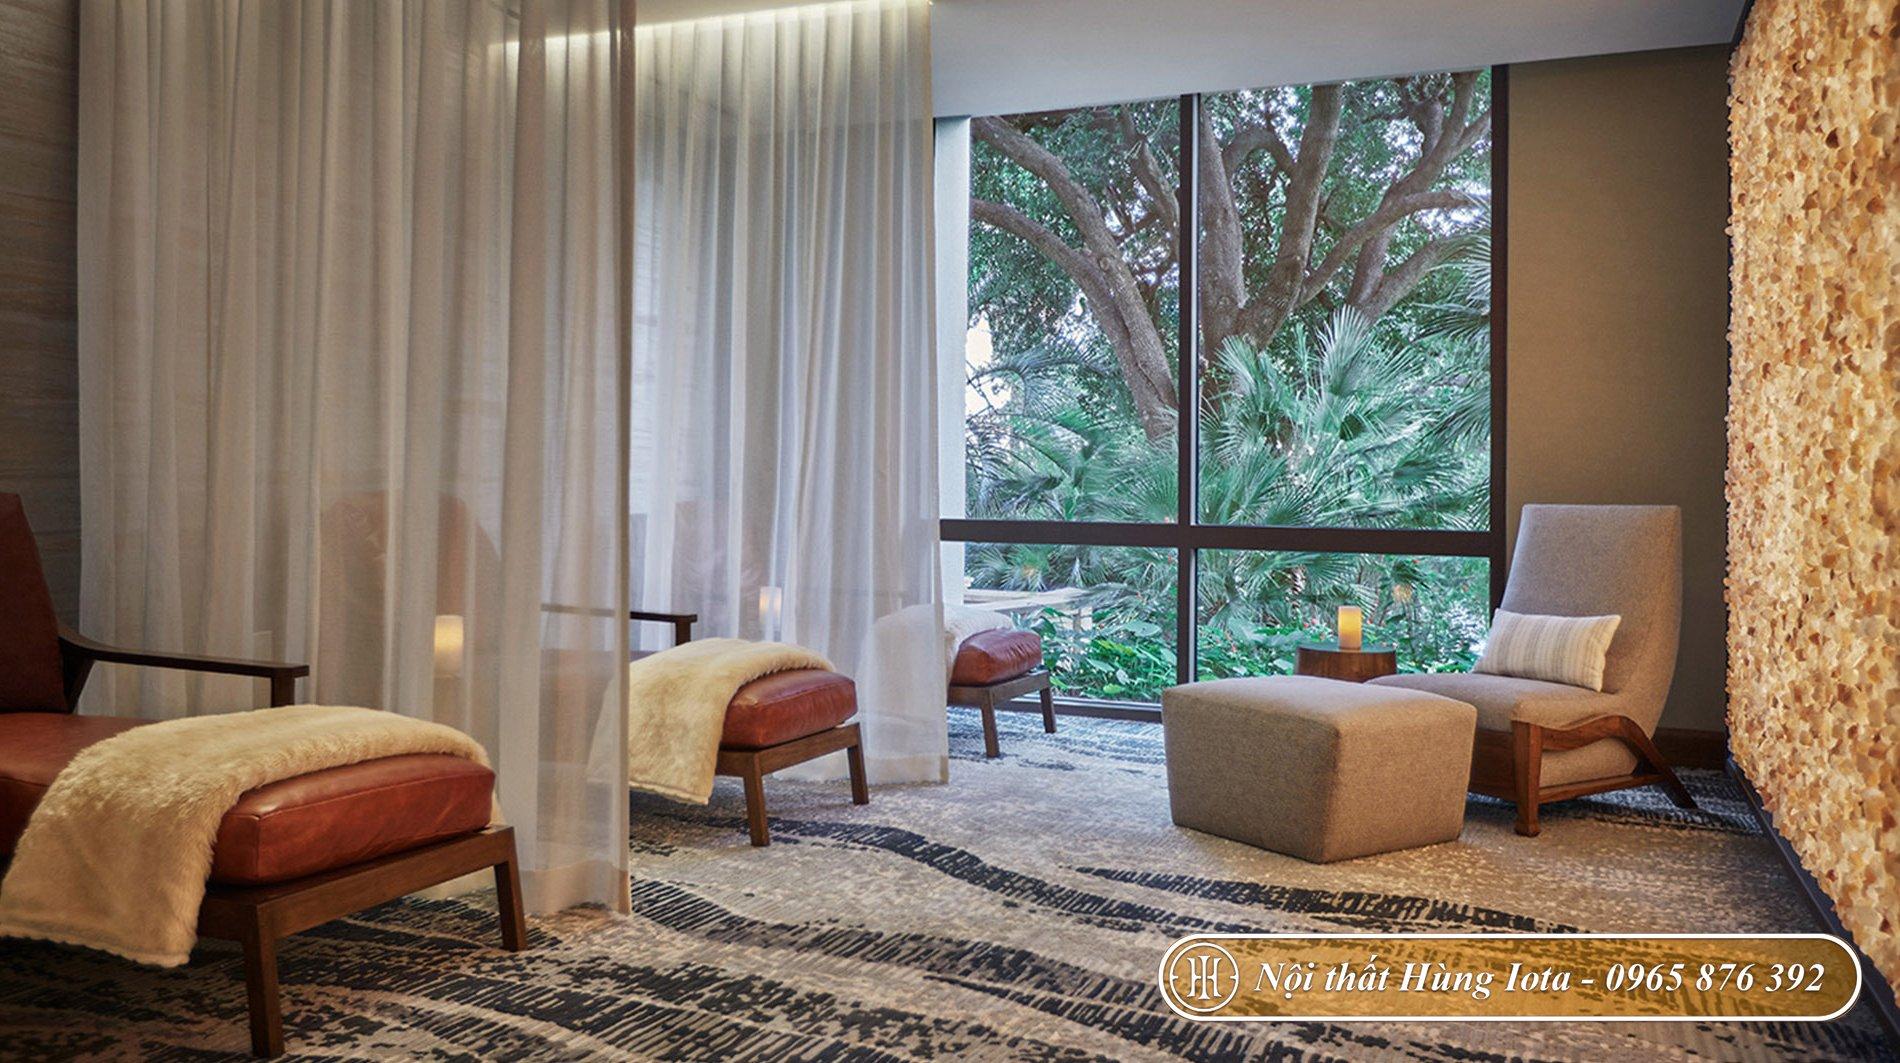 Ý tưởng decor spa với sofa kiểu dáng cổ điển